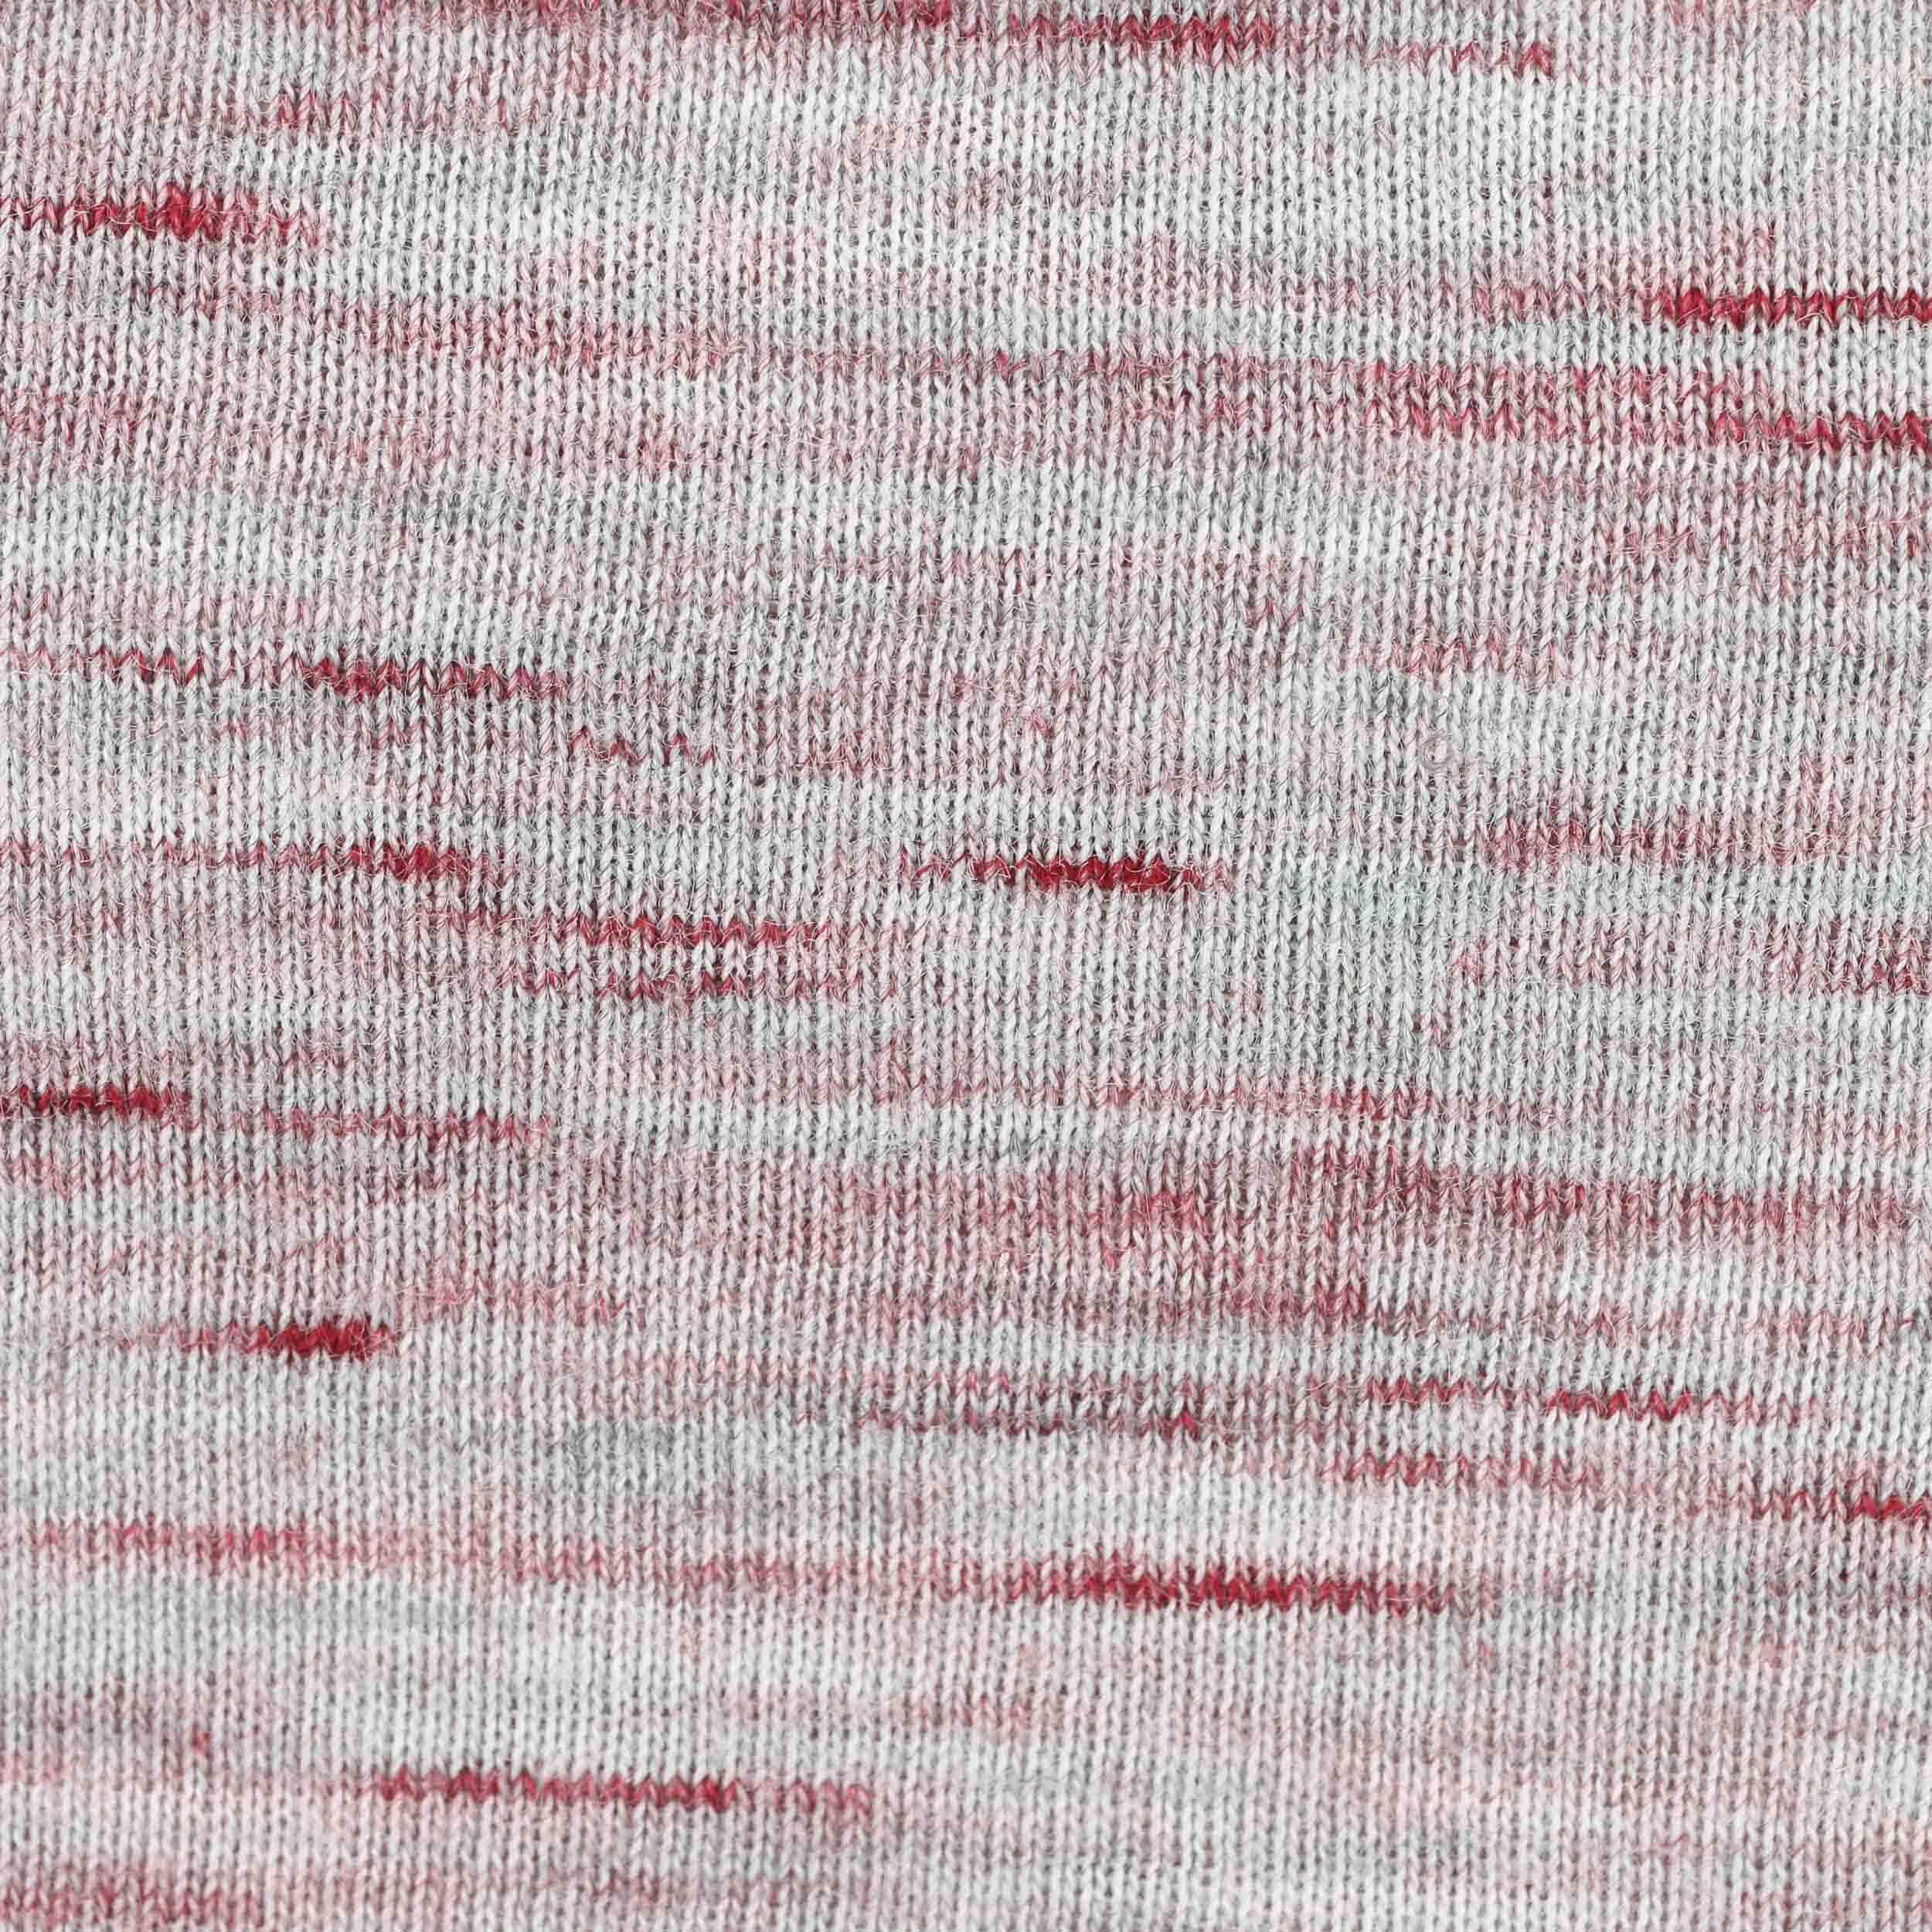 ... Fascia per Capelli Mélange by Chillouts - rosso bordeaux-mélange 2 ... 6a18a3f6d145